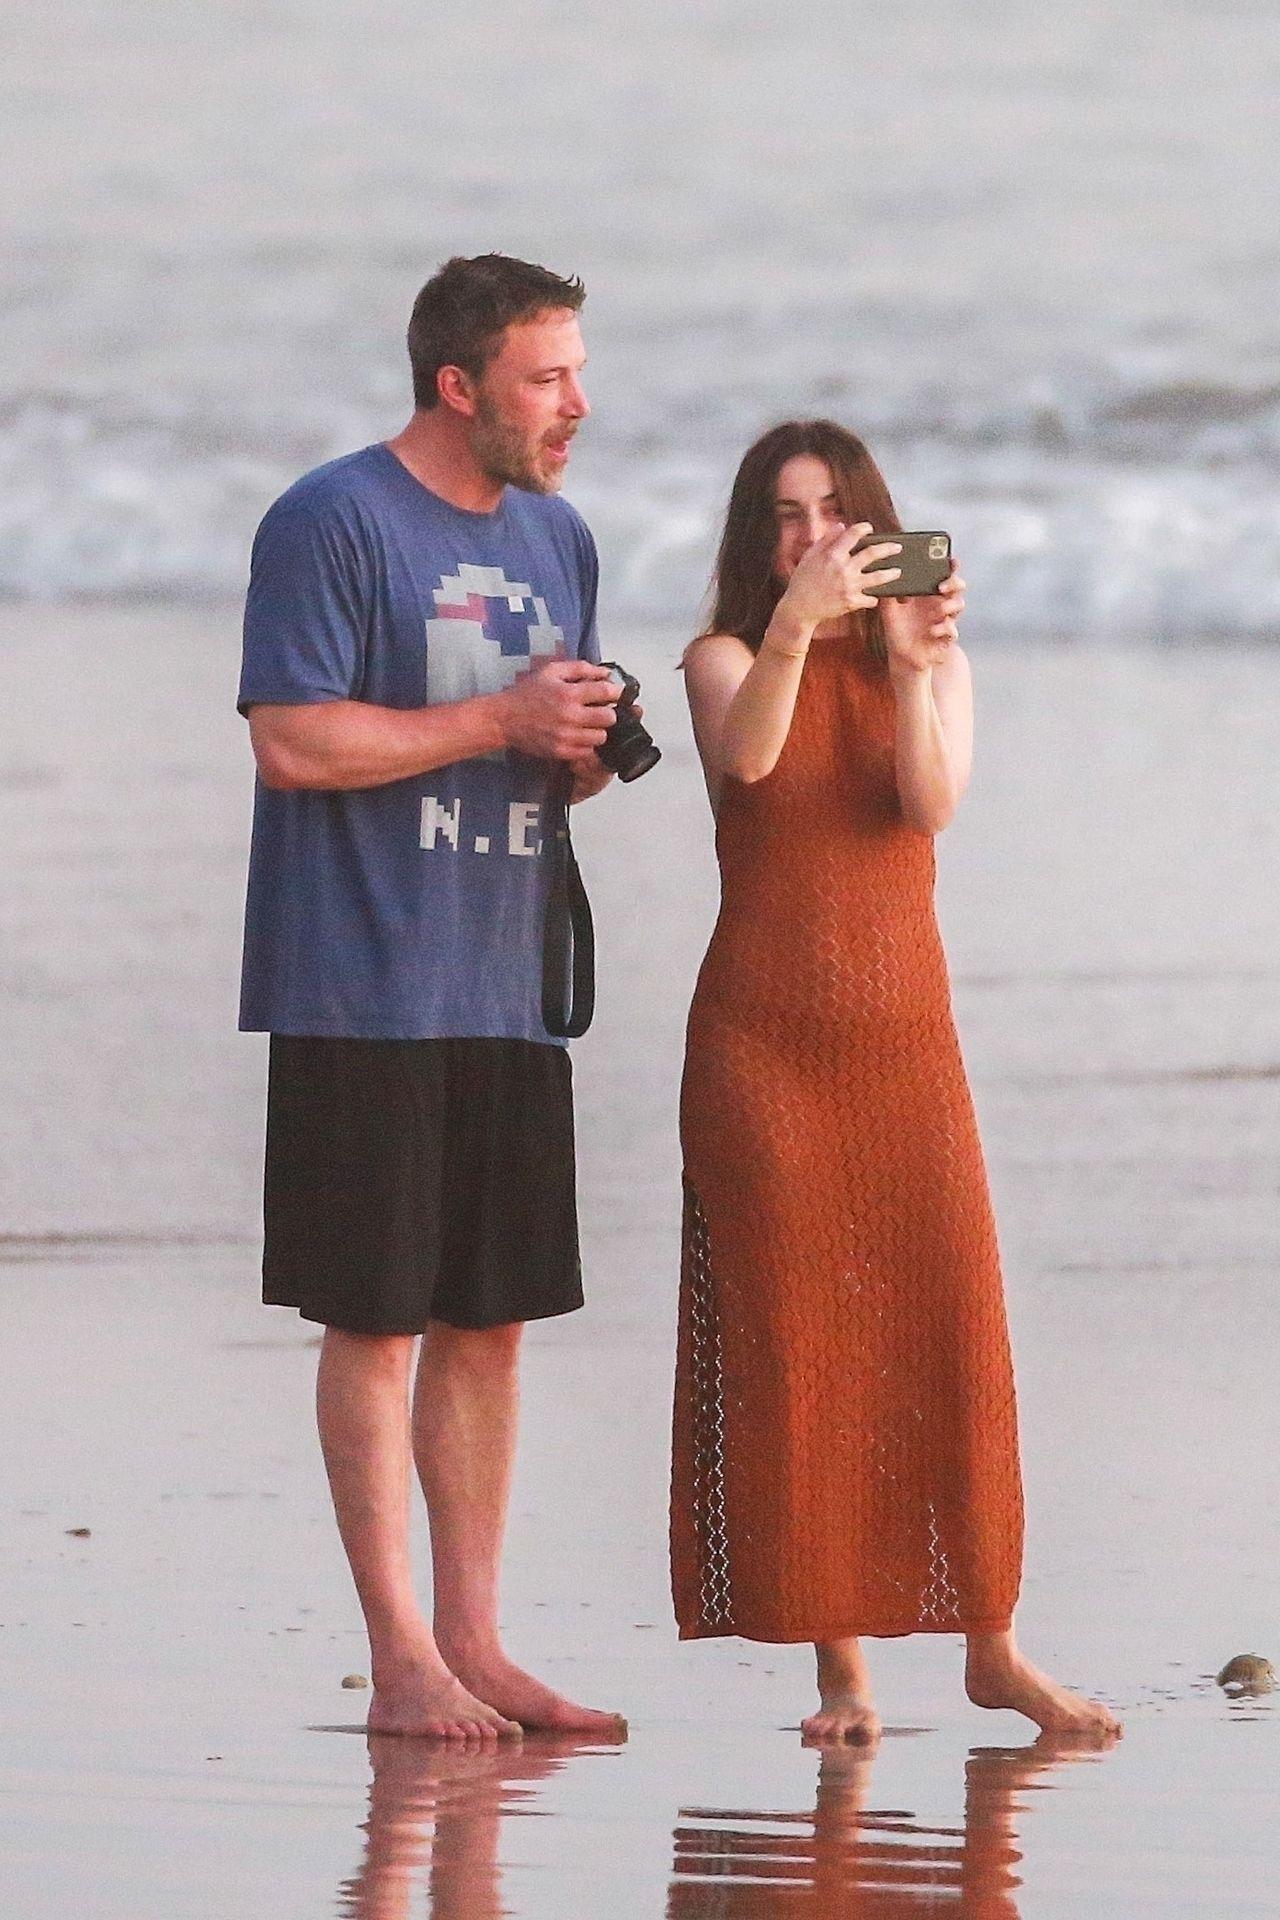 Ben Affleck & Ana De Armas Enjoy A Pda Moment During Romantic Beach Stroll In Costa Rica 0009